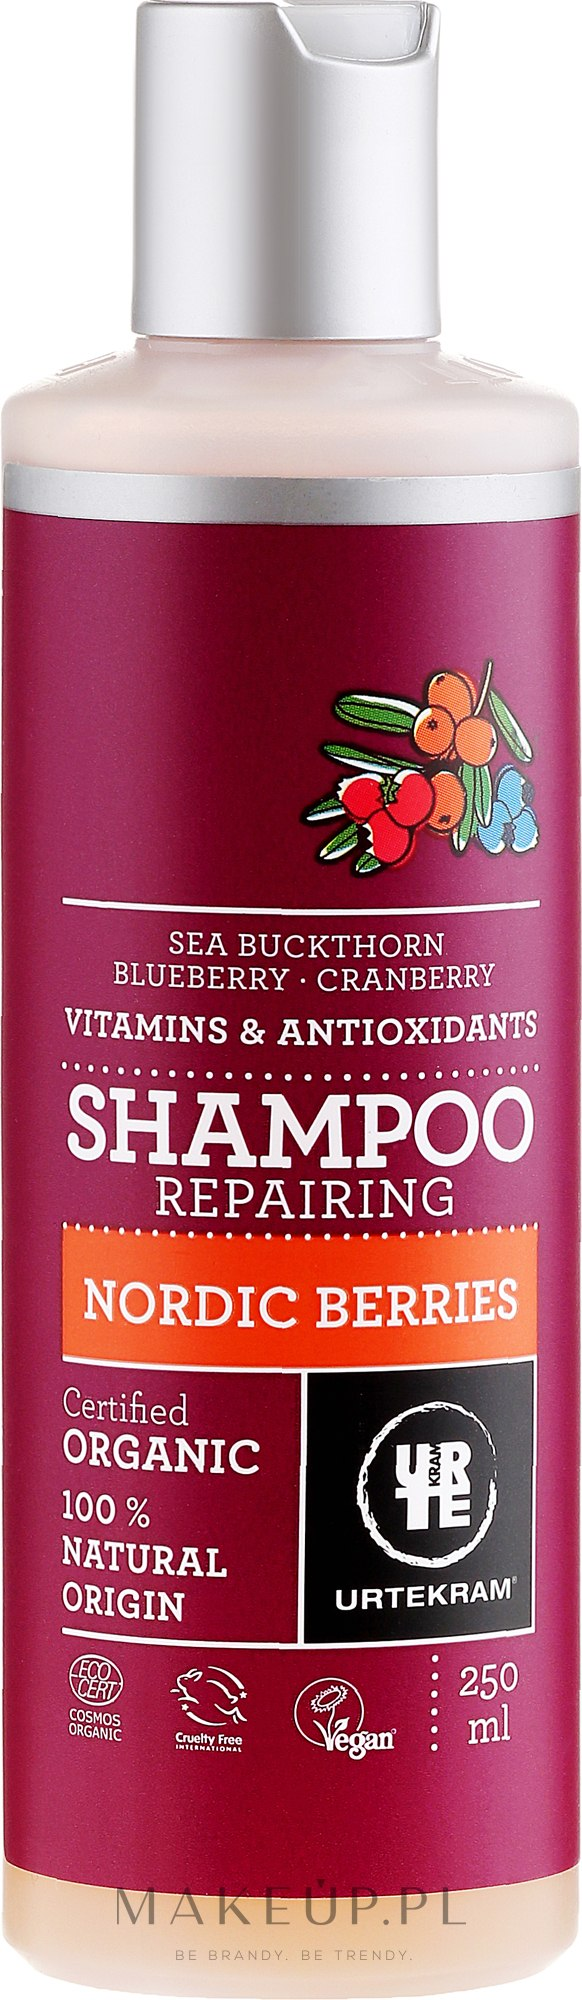 Organiczny szampon naprawczy do włosów Nordyckie jagody - Urtekram Nordic Berries RepairingShampoo — фото 250 ml